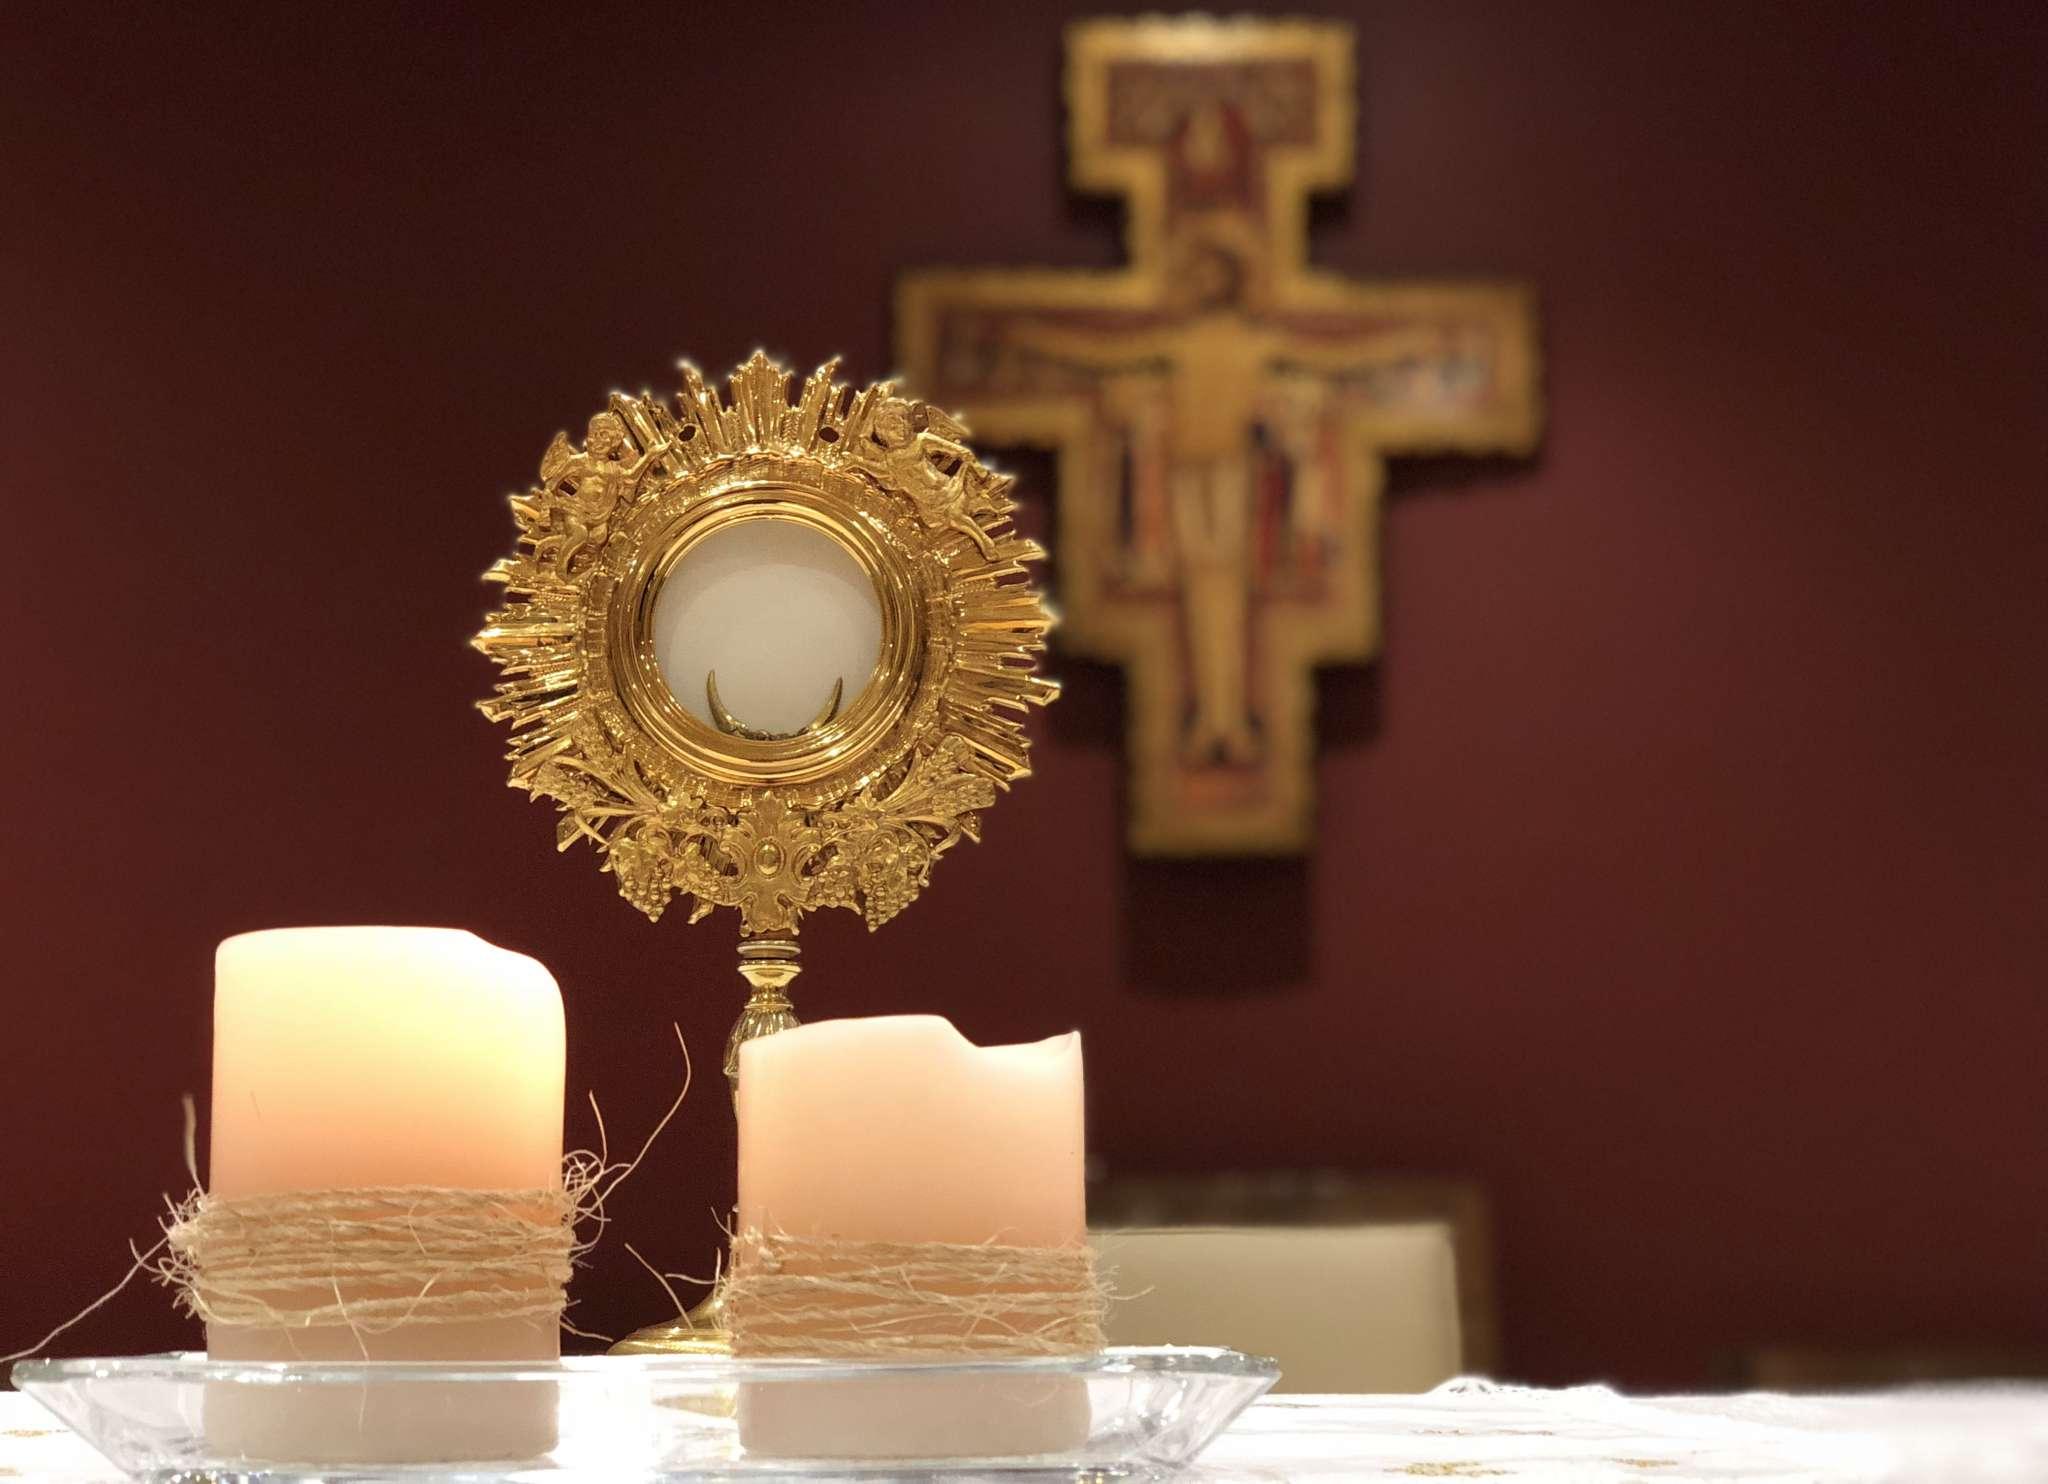 Después del milagro de la multiplicación de los panes el Evangelio de San Juan nos presenta el discurso sobre el pan de vida.